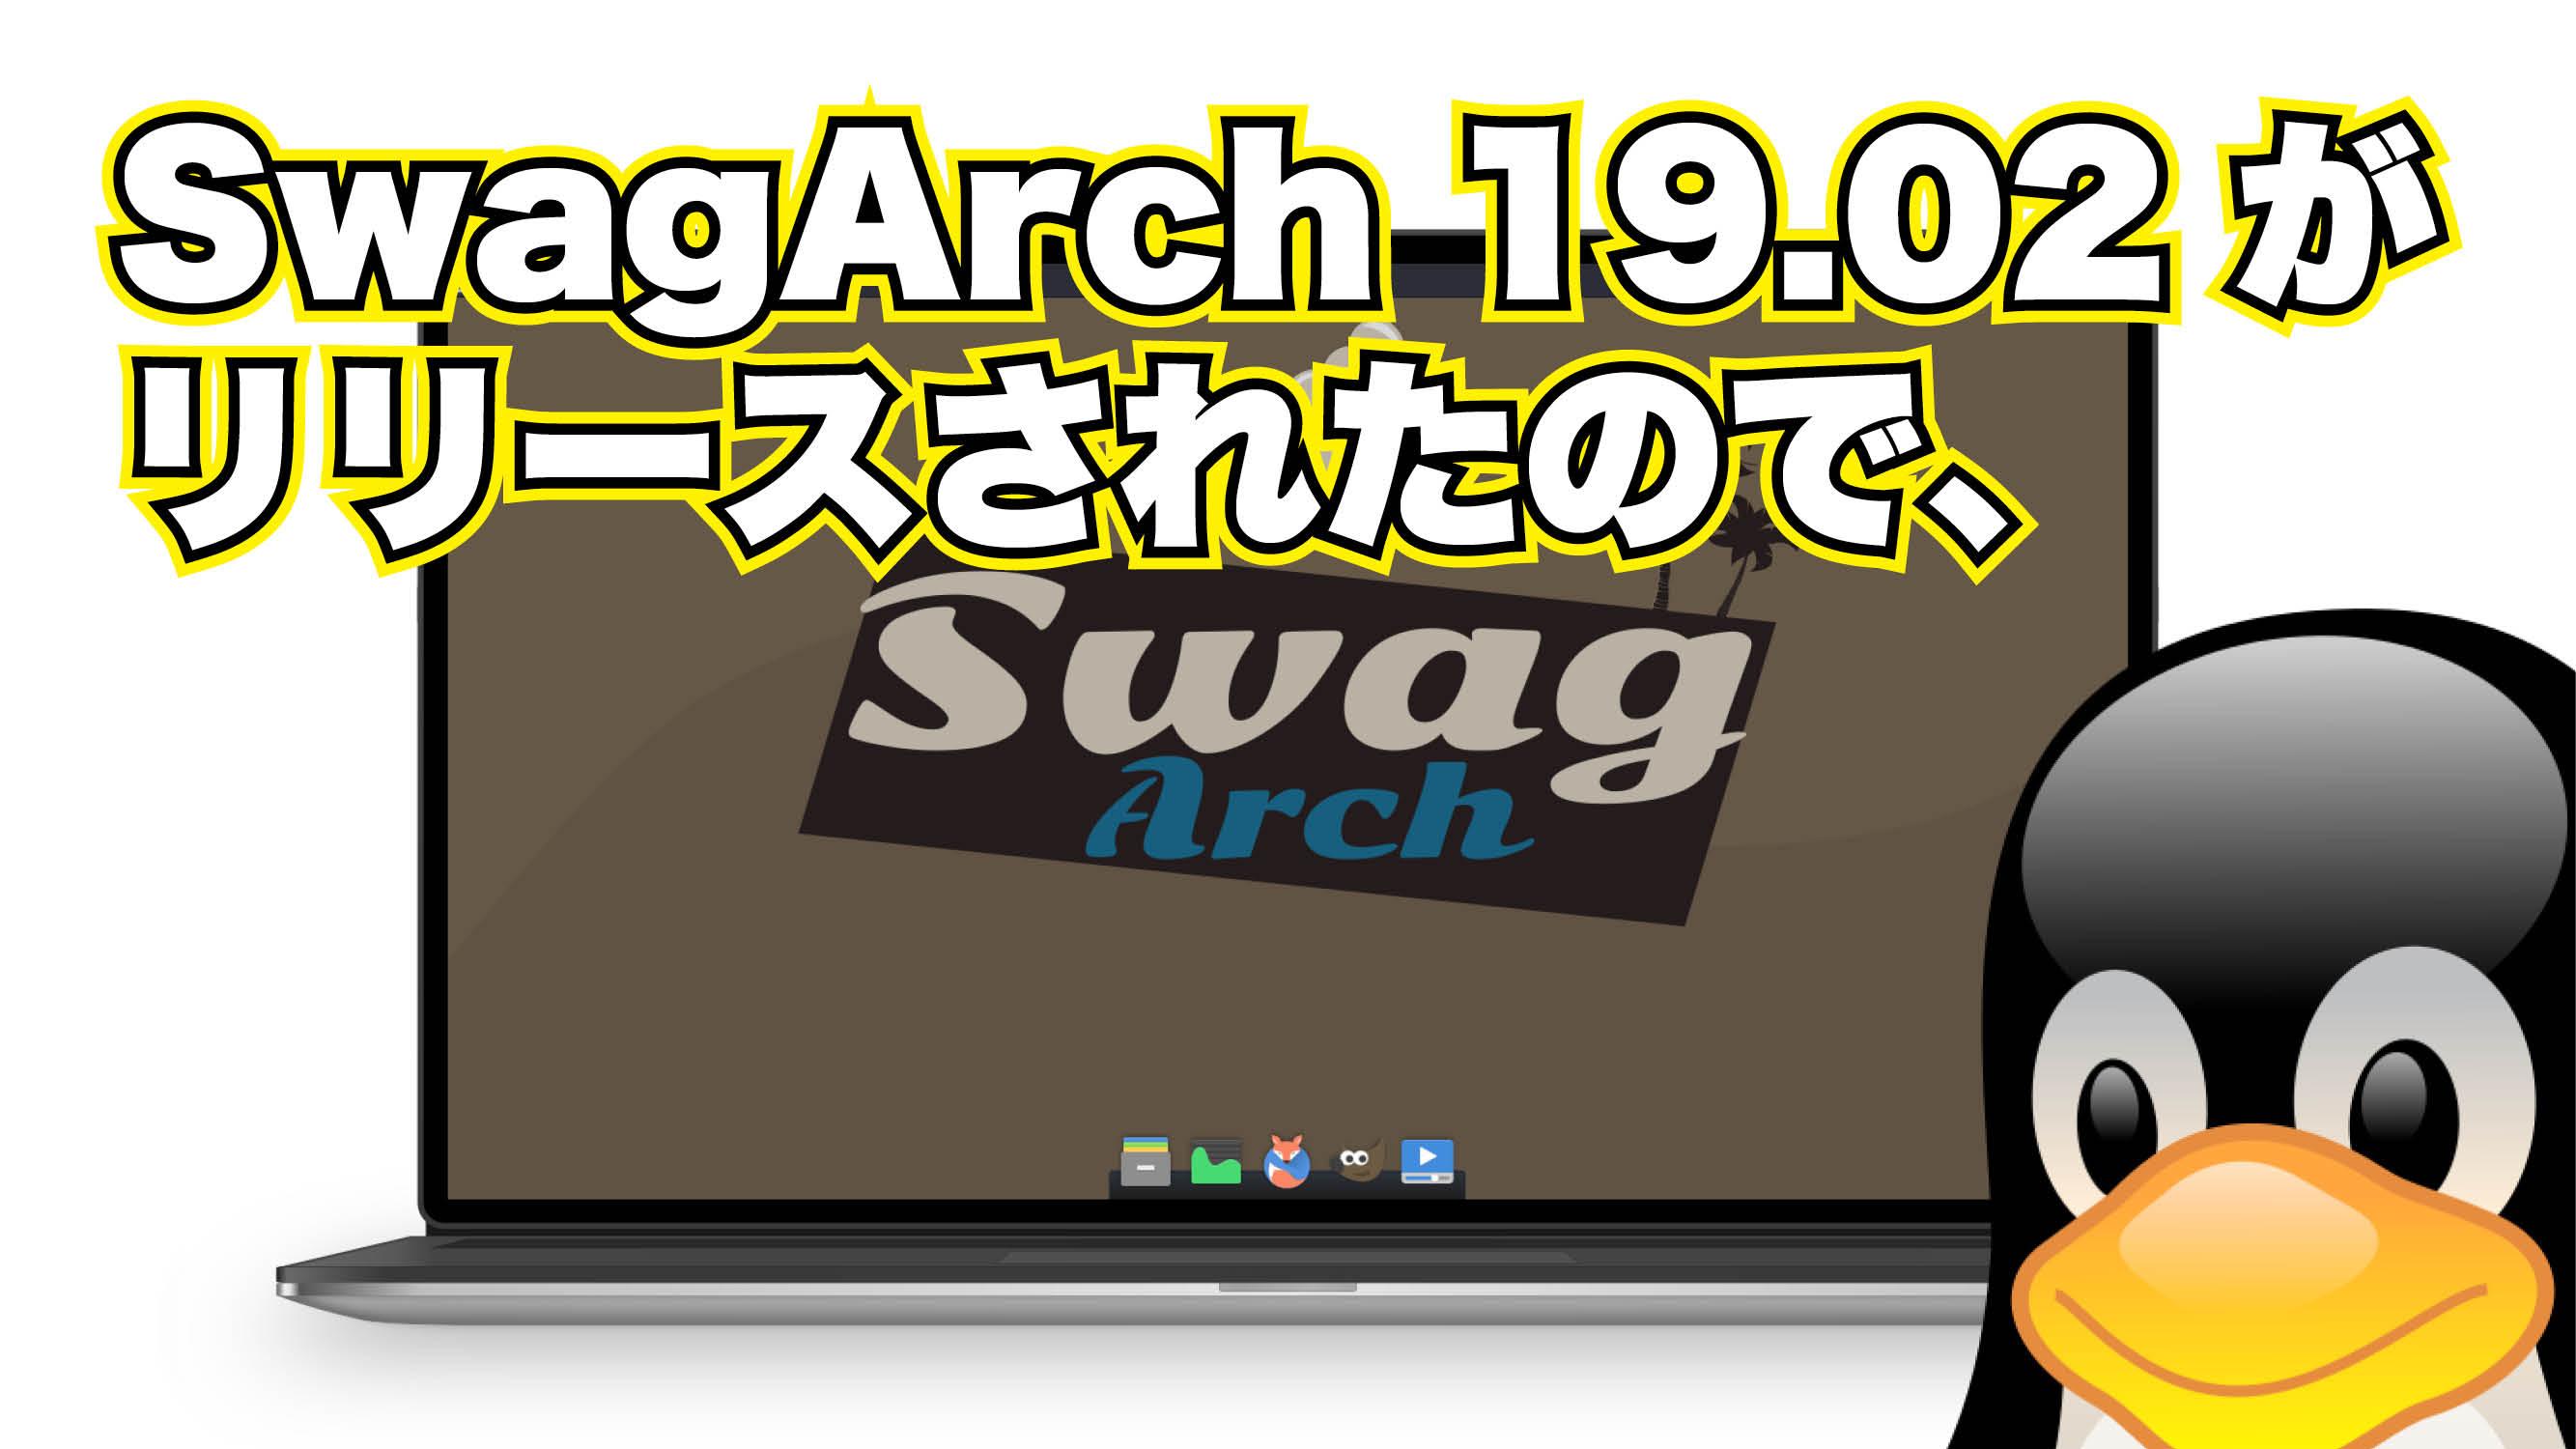 SwagArch 19.02 がリリースされたので、